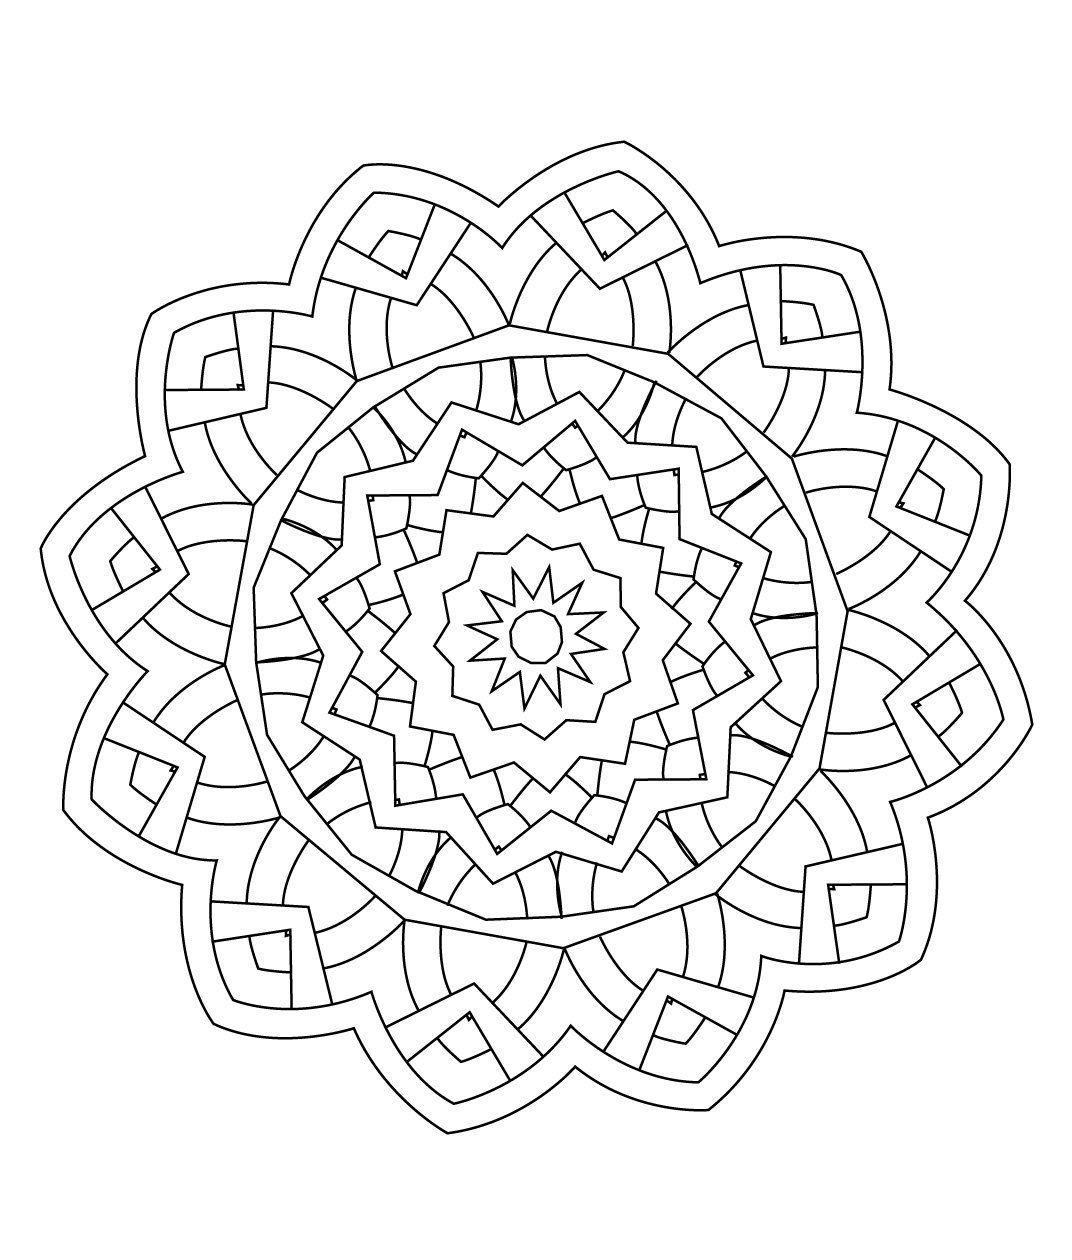 Stci coloriage pour adultes et enfants mandalas mandalas pinterest mandalas adult - Mandala adulte ...